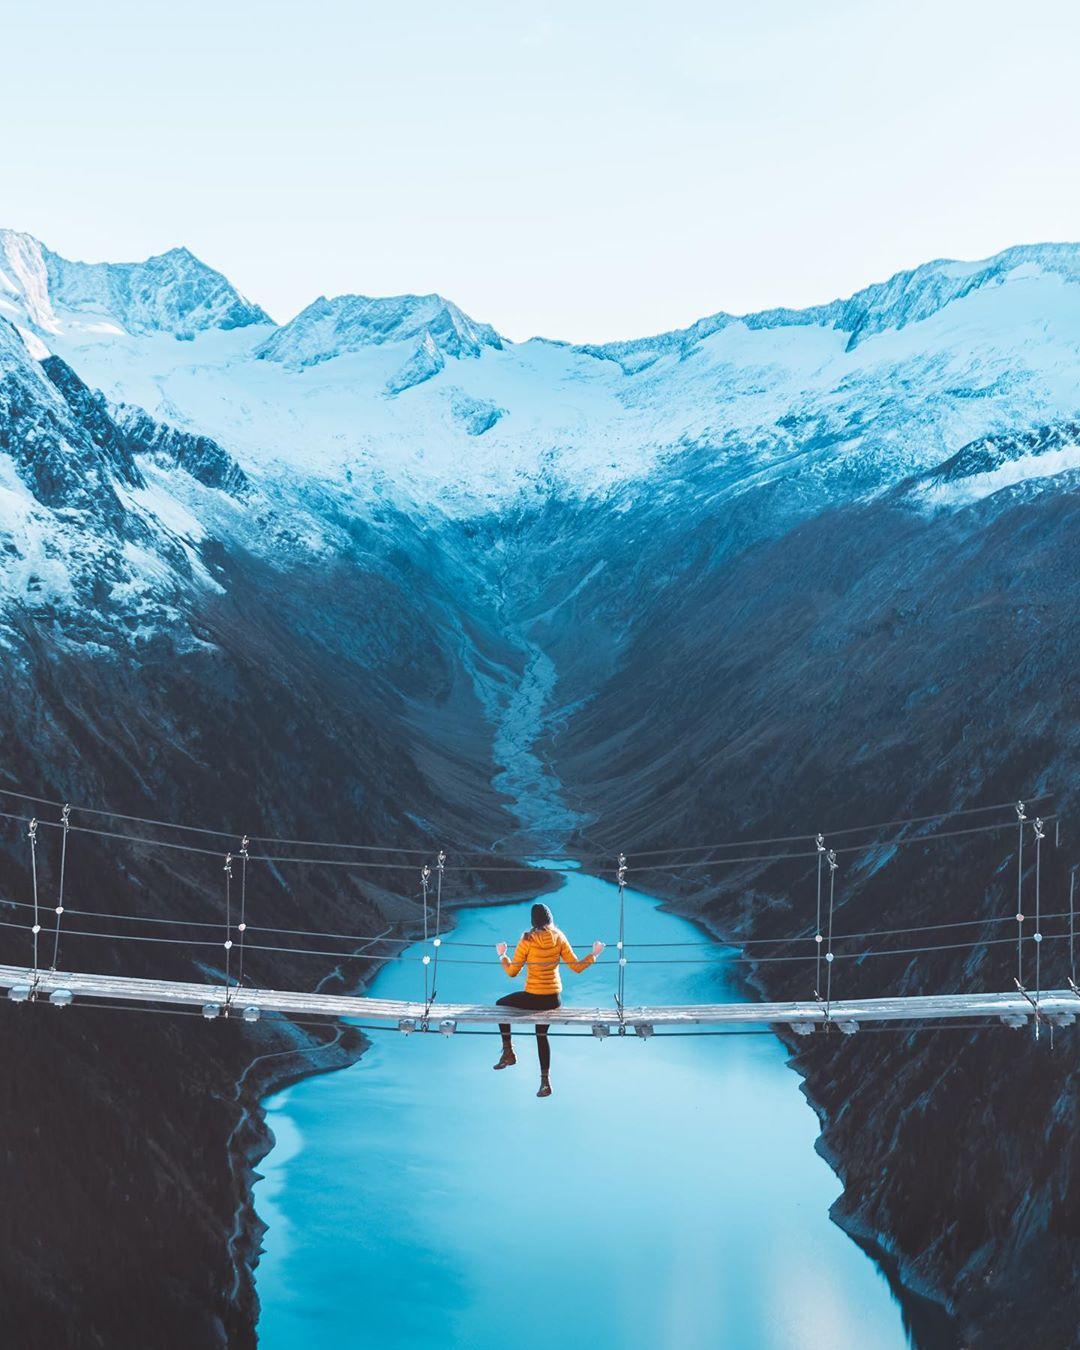 Природа и путешествия на красивых снимках Кармен Хутер